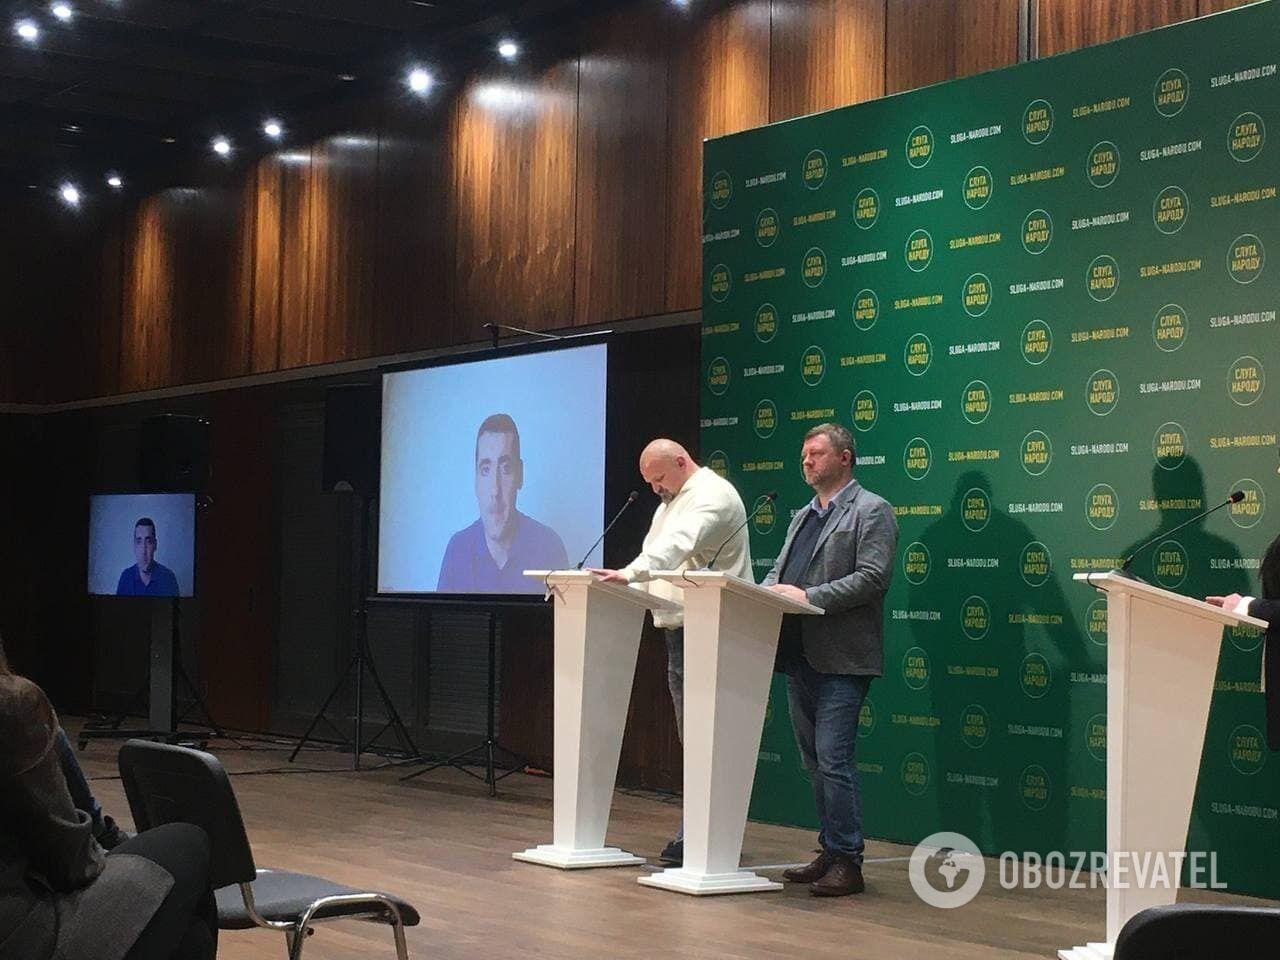 """Андрей Бондаренко выступил на съезде """"слуг"""" онлайн"""